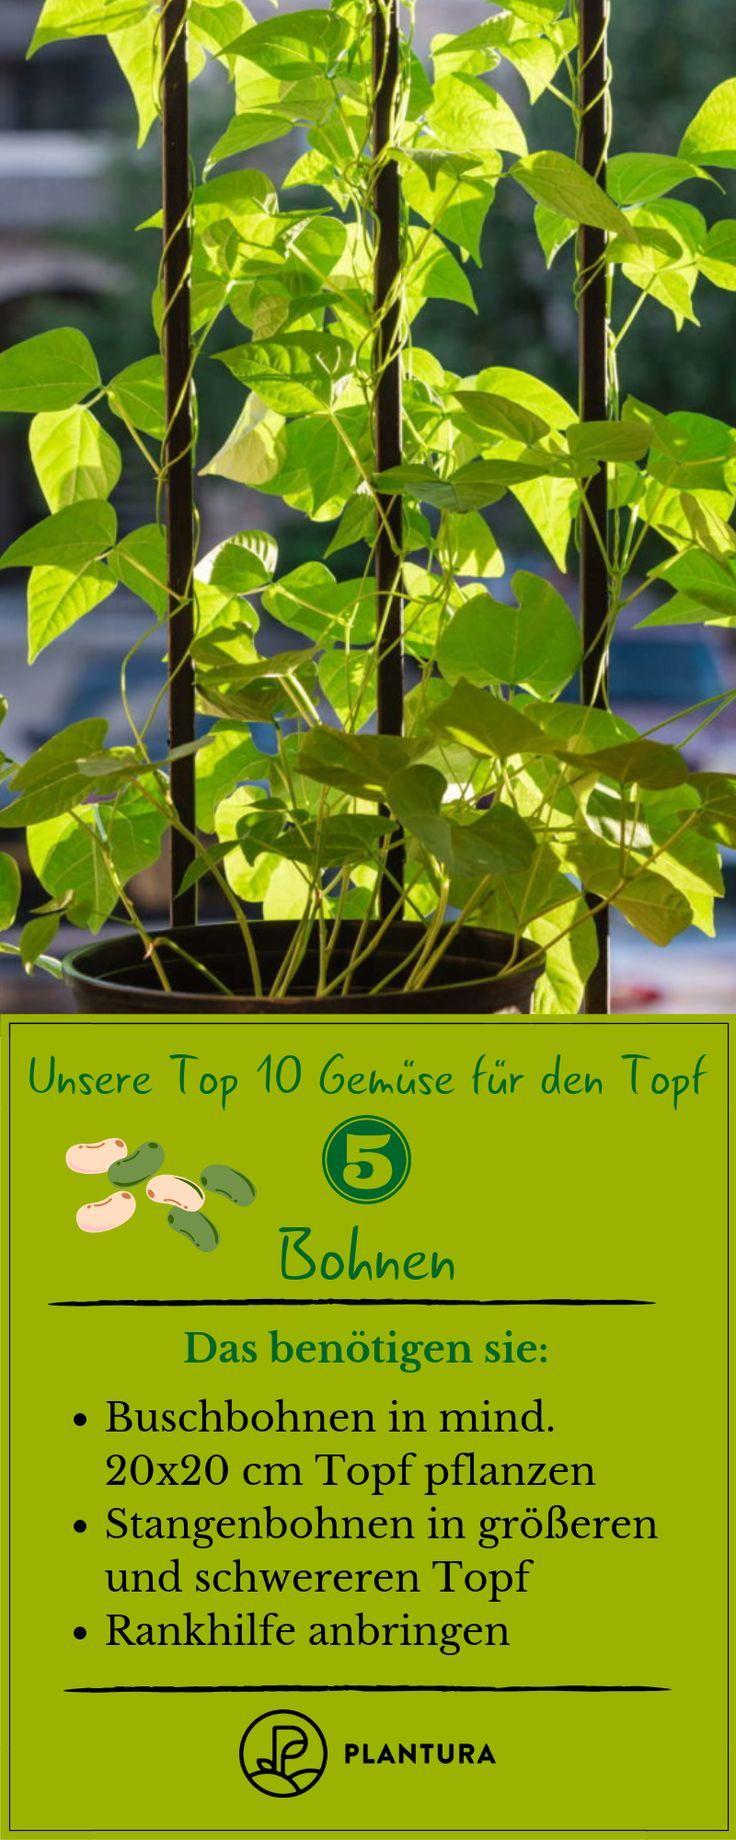 Unsere Top 10 Gemüse für den Topf: Bohnen! Die Auswahl der Sorten ist am B